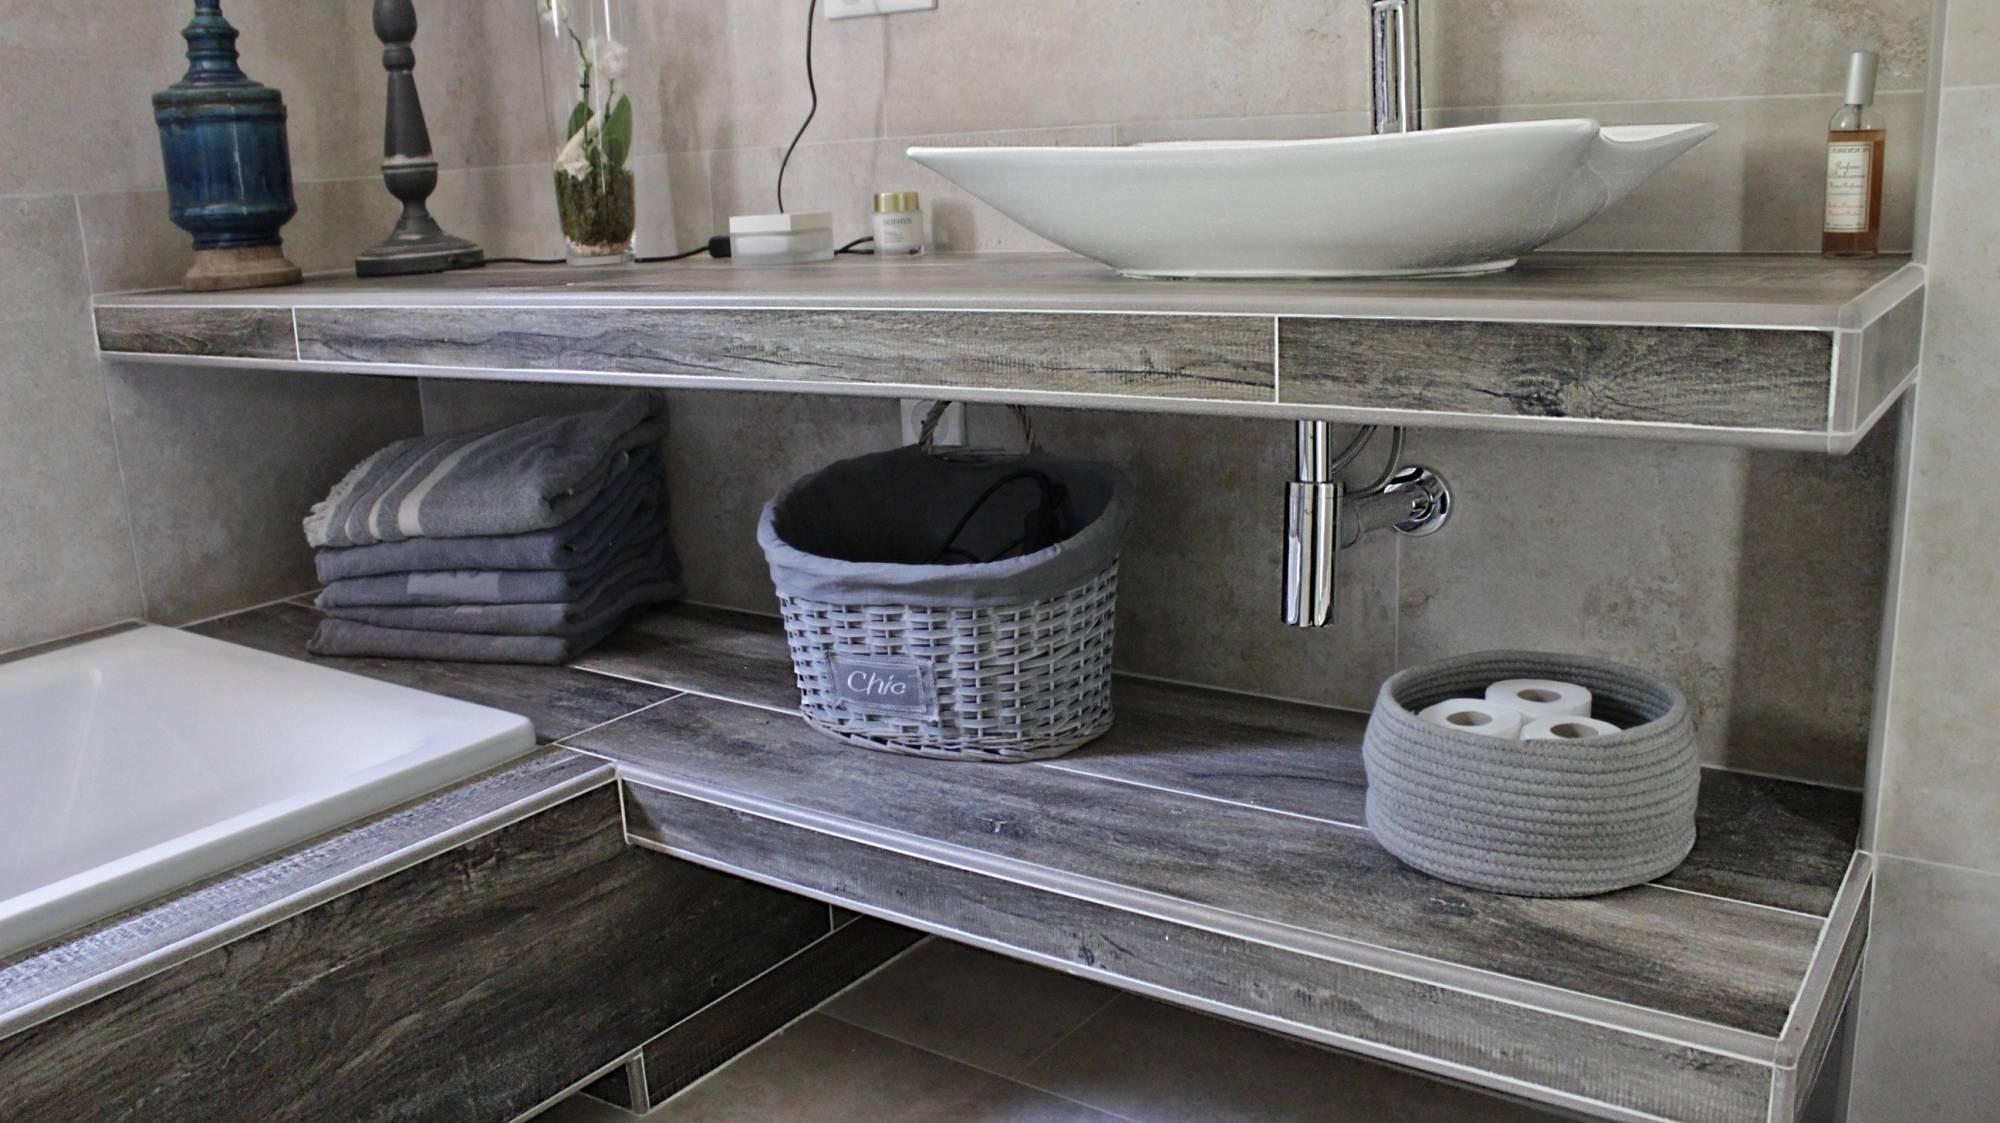 Salle de bains enti rement r nov e carrelage effet pierre for Exterieur provencal